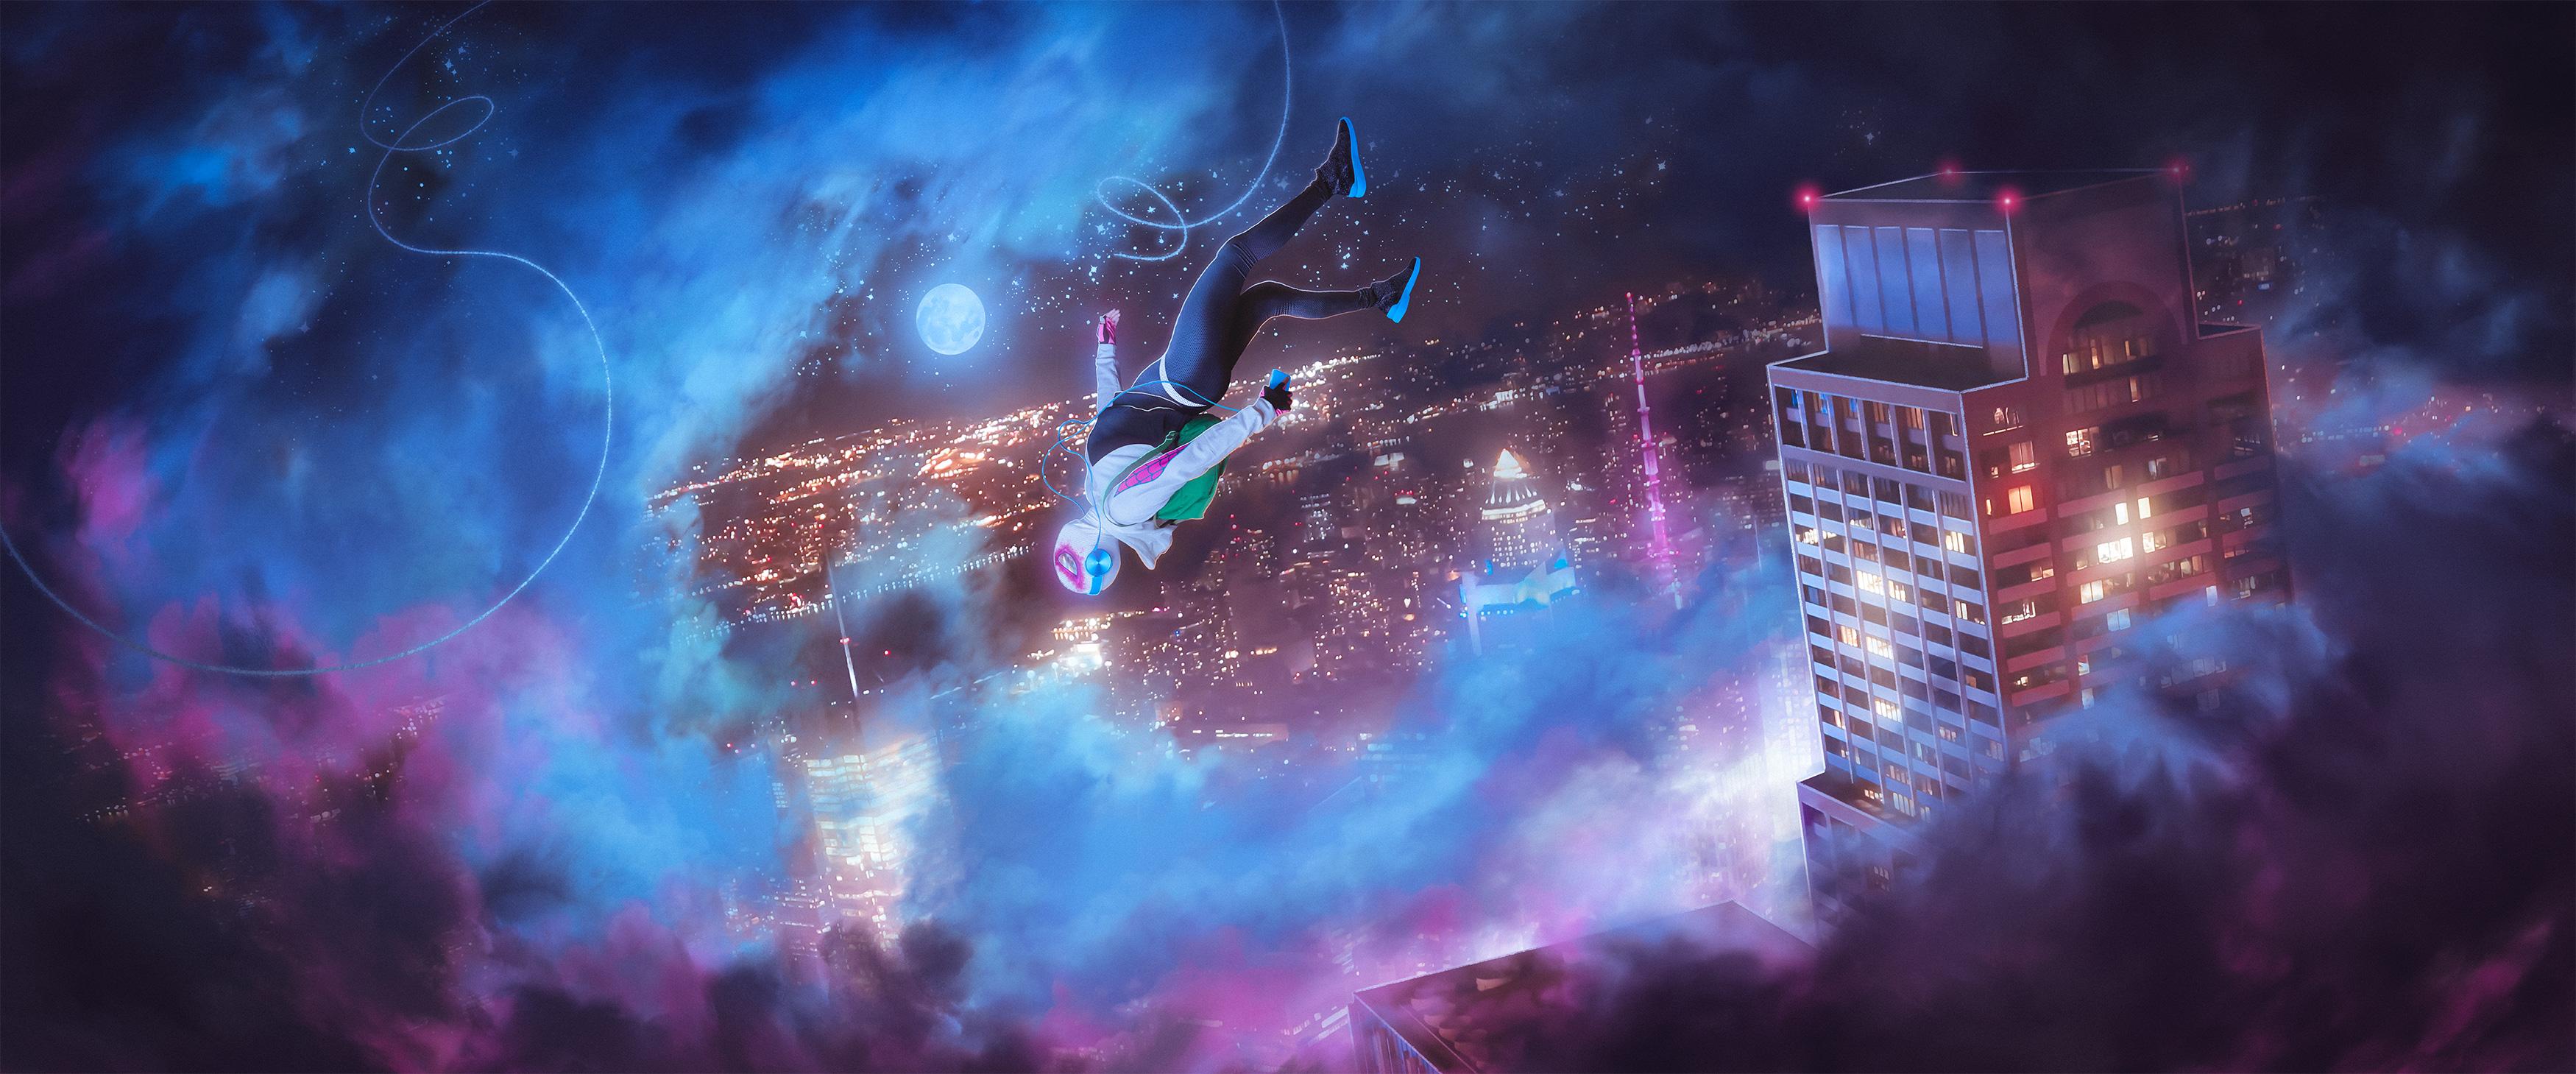 Spider Gwen Into The Spider Verse, HD Superheroes, 4k ...